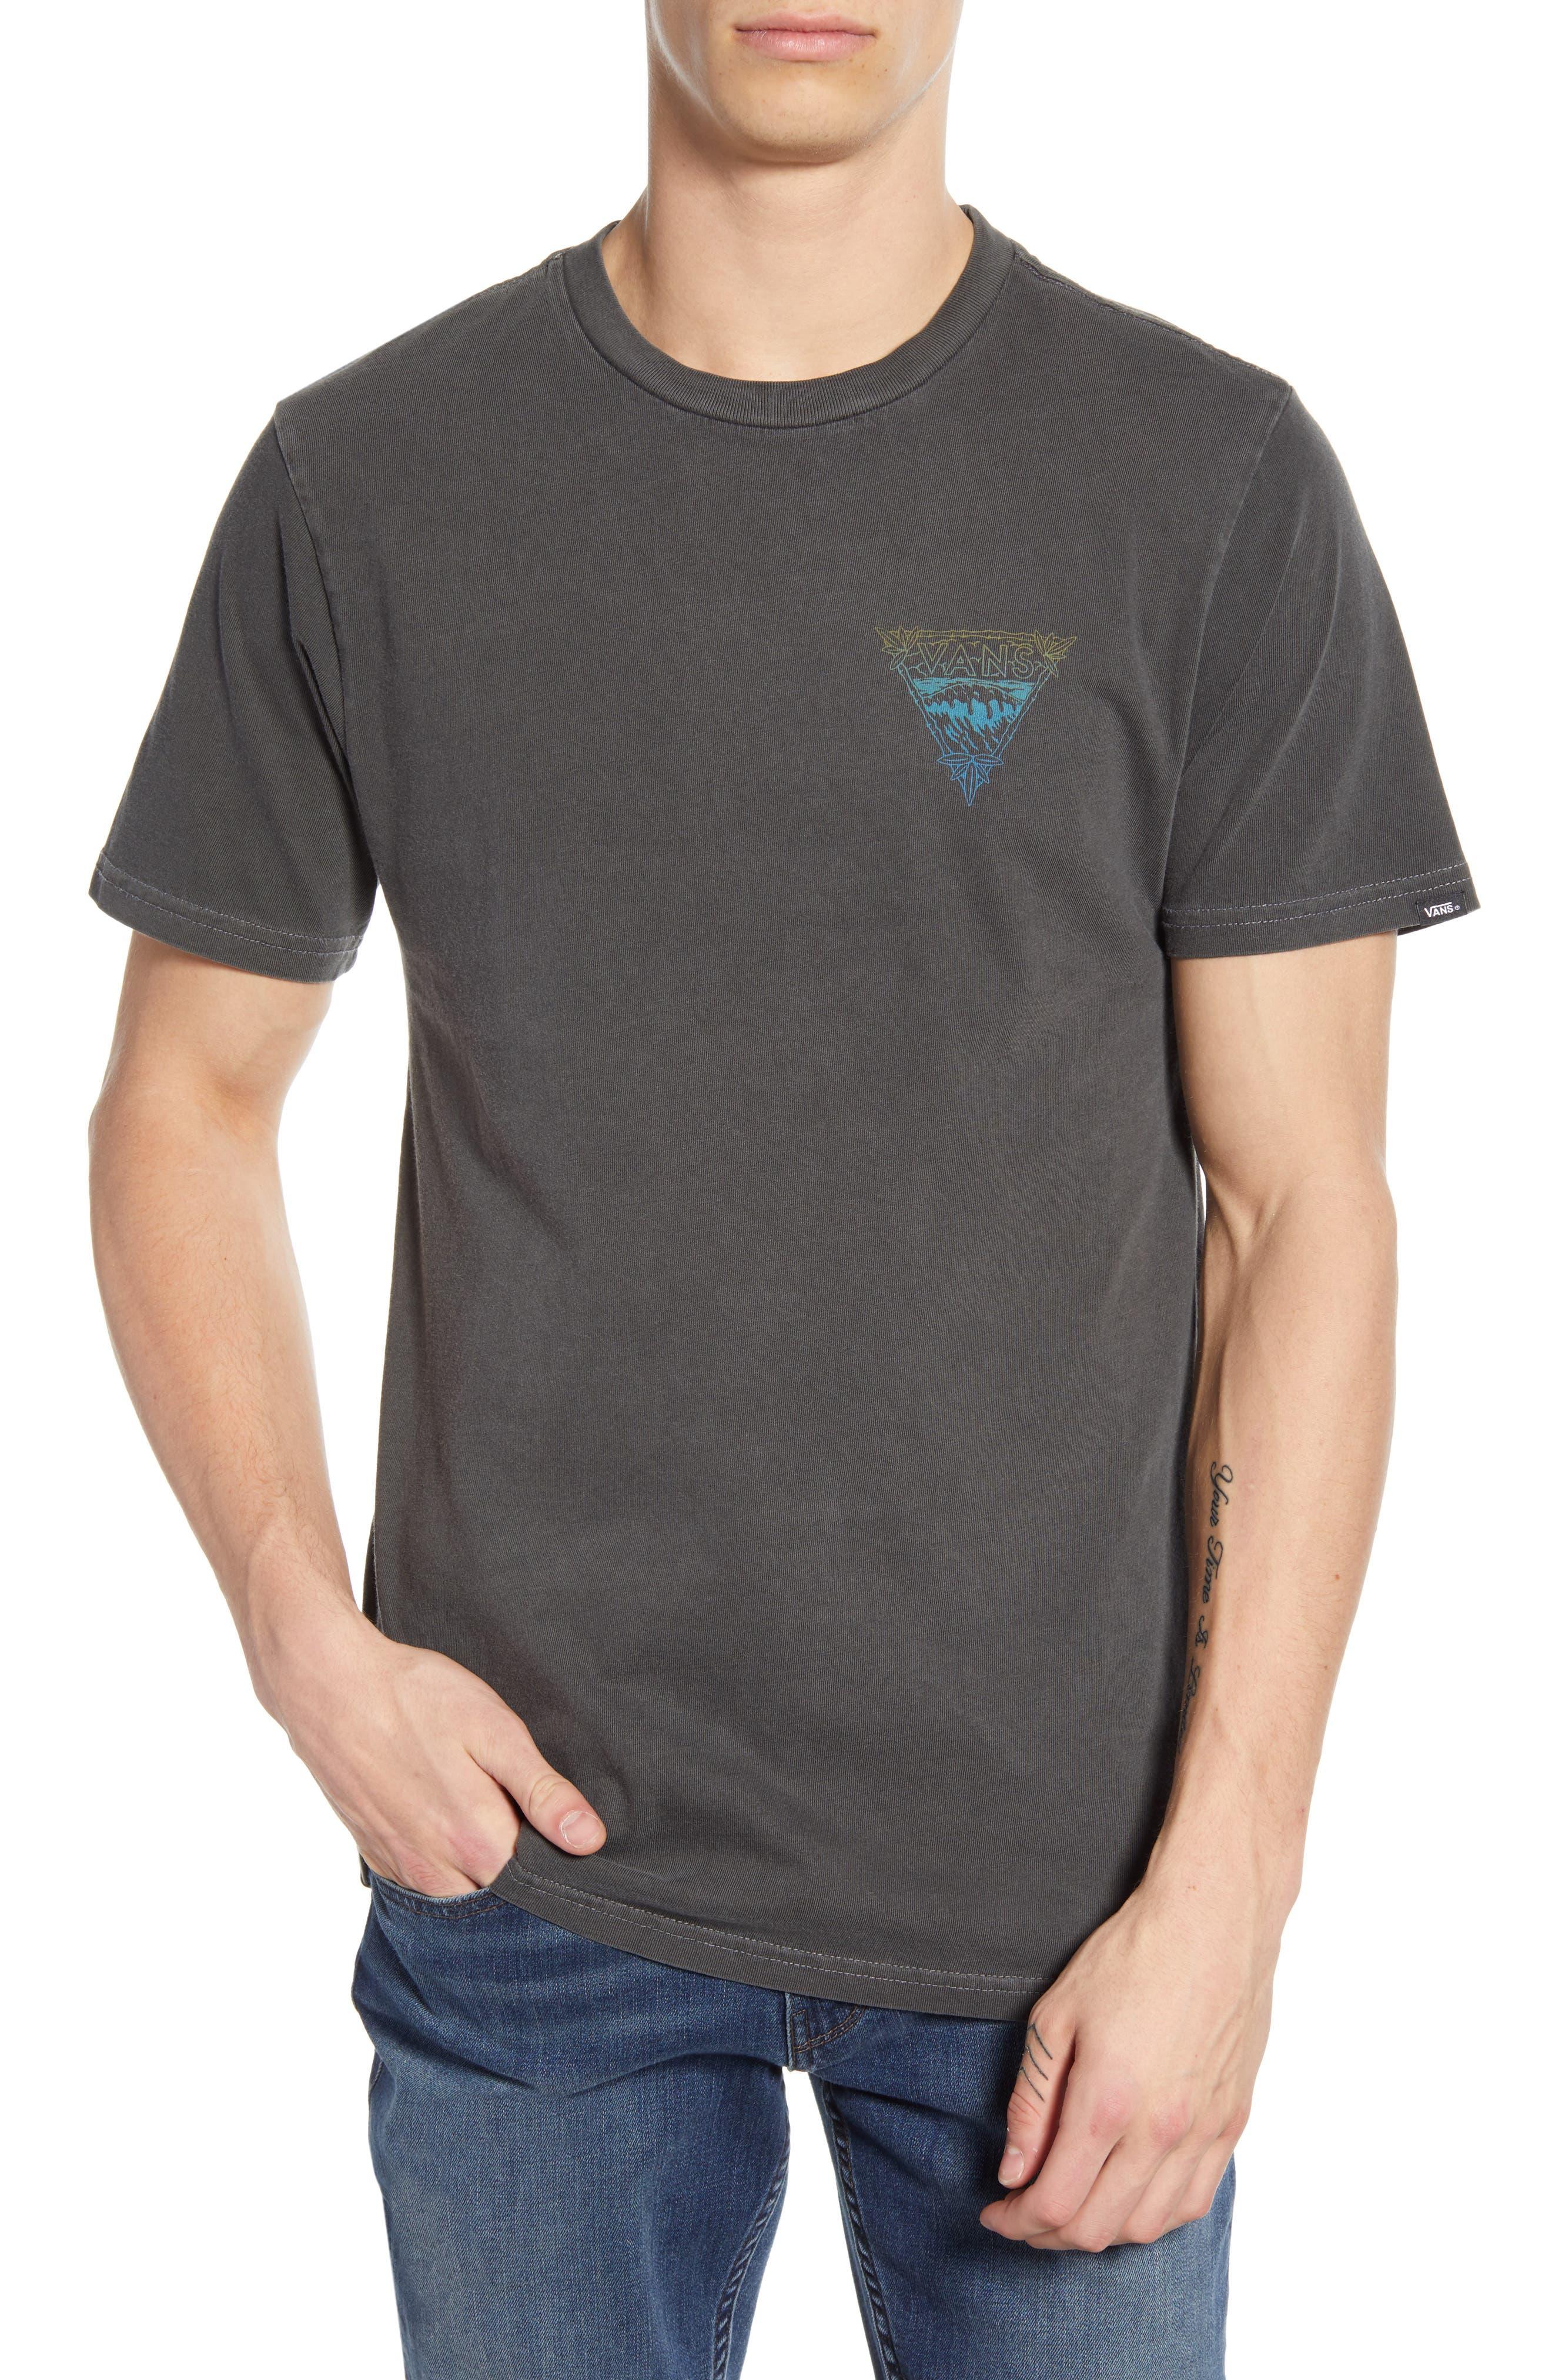 Vans Vintage Waves T-Shirt, Black